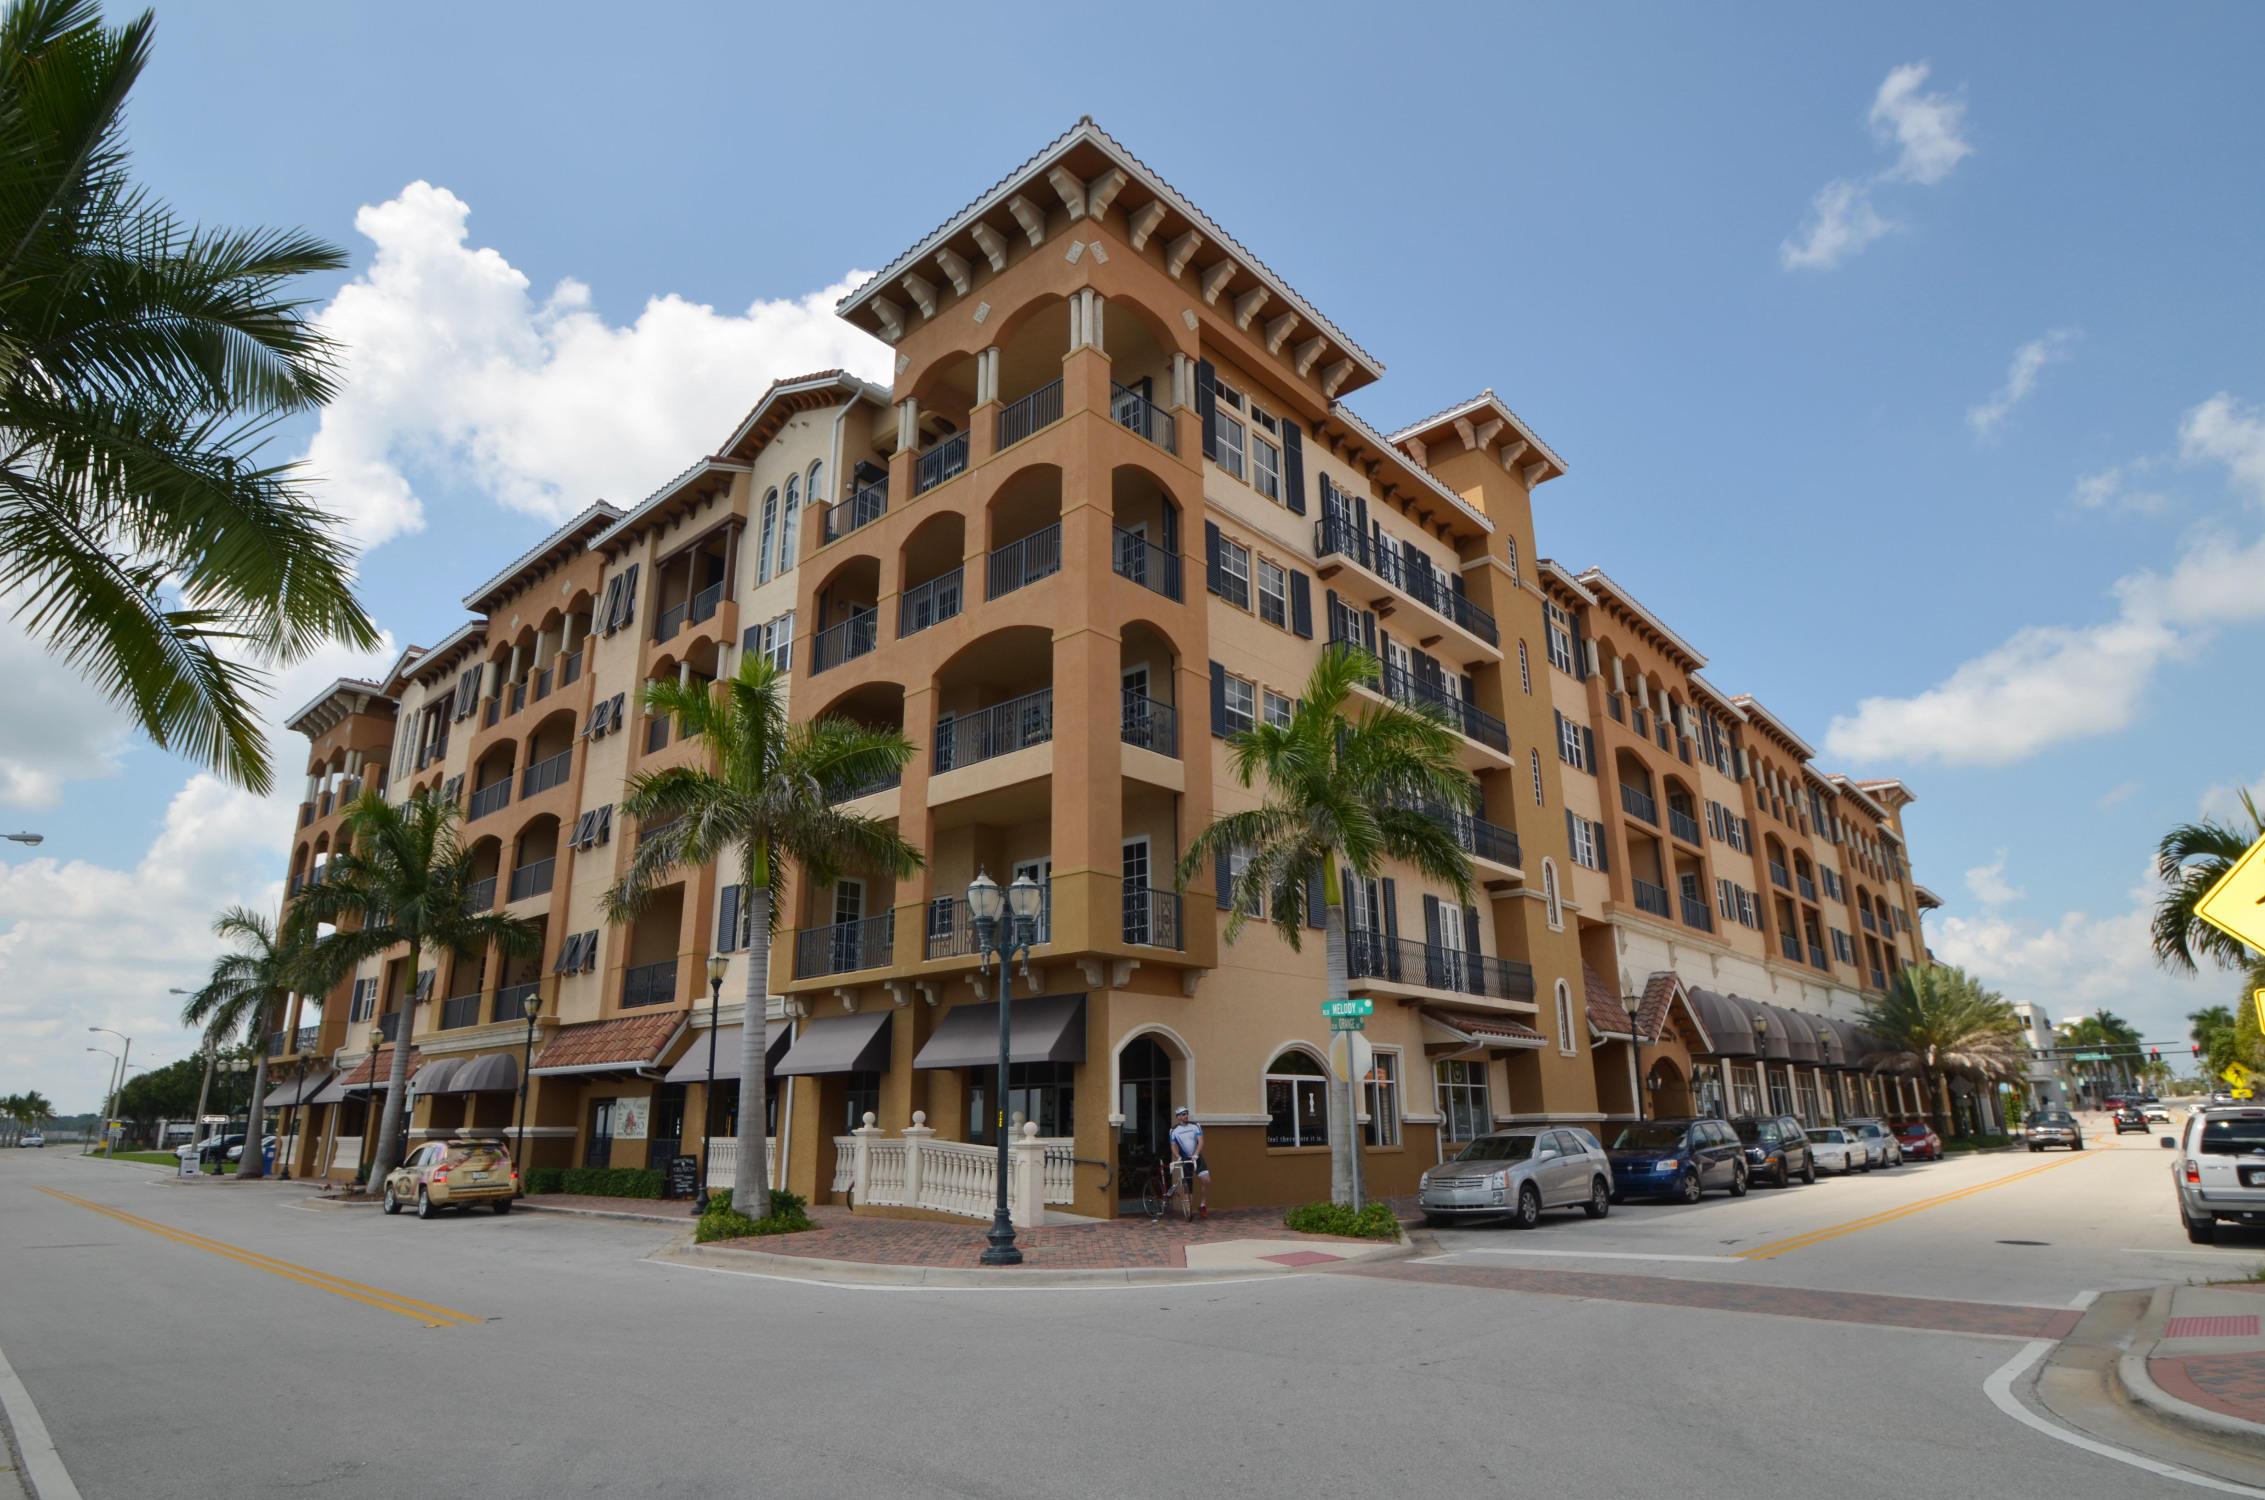 20 Orange Avenue, Fort Pierce, Florida 34950, 4 Bedrooms Bedrooms, ,4 BathroomsBathrooms,Condo/Coop,For Sale,Orange,4,RX-10318871